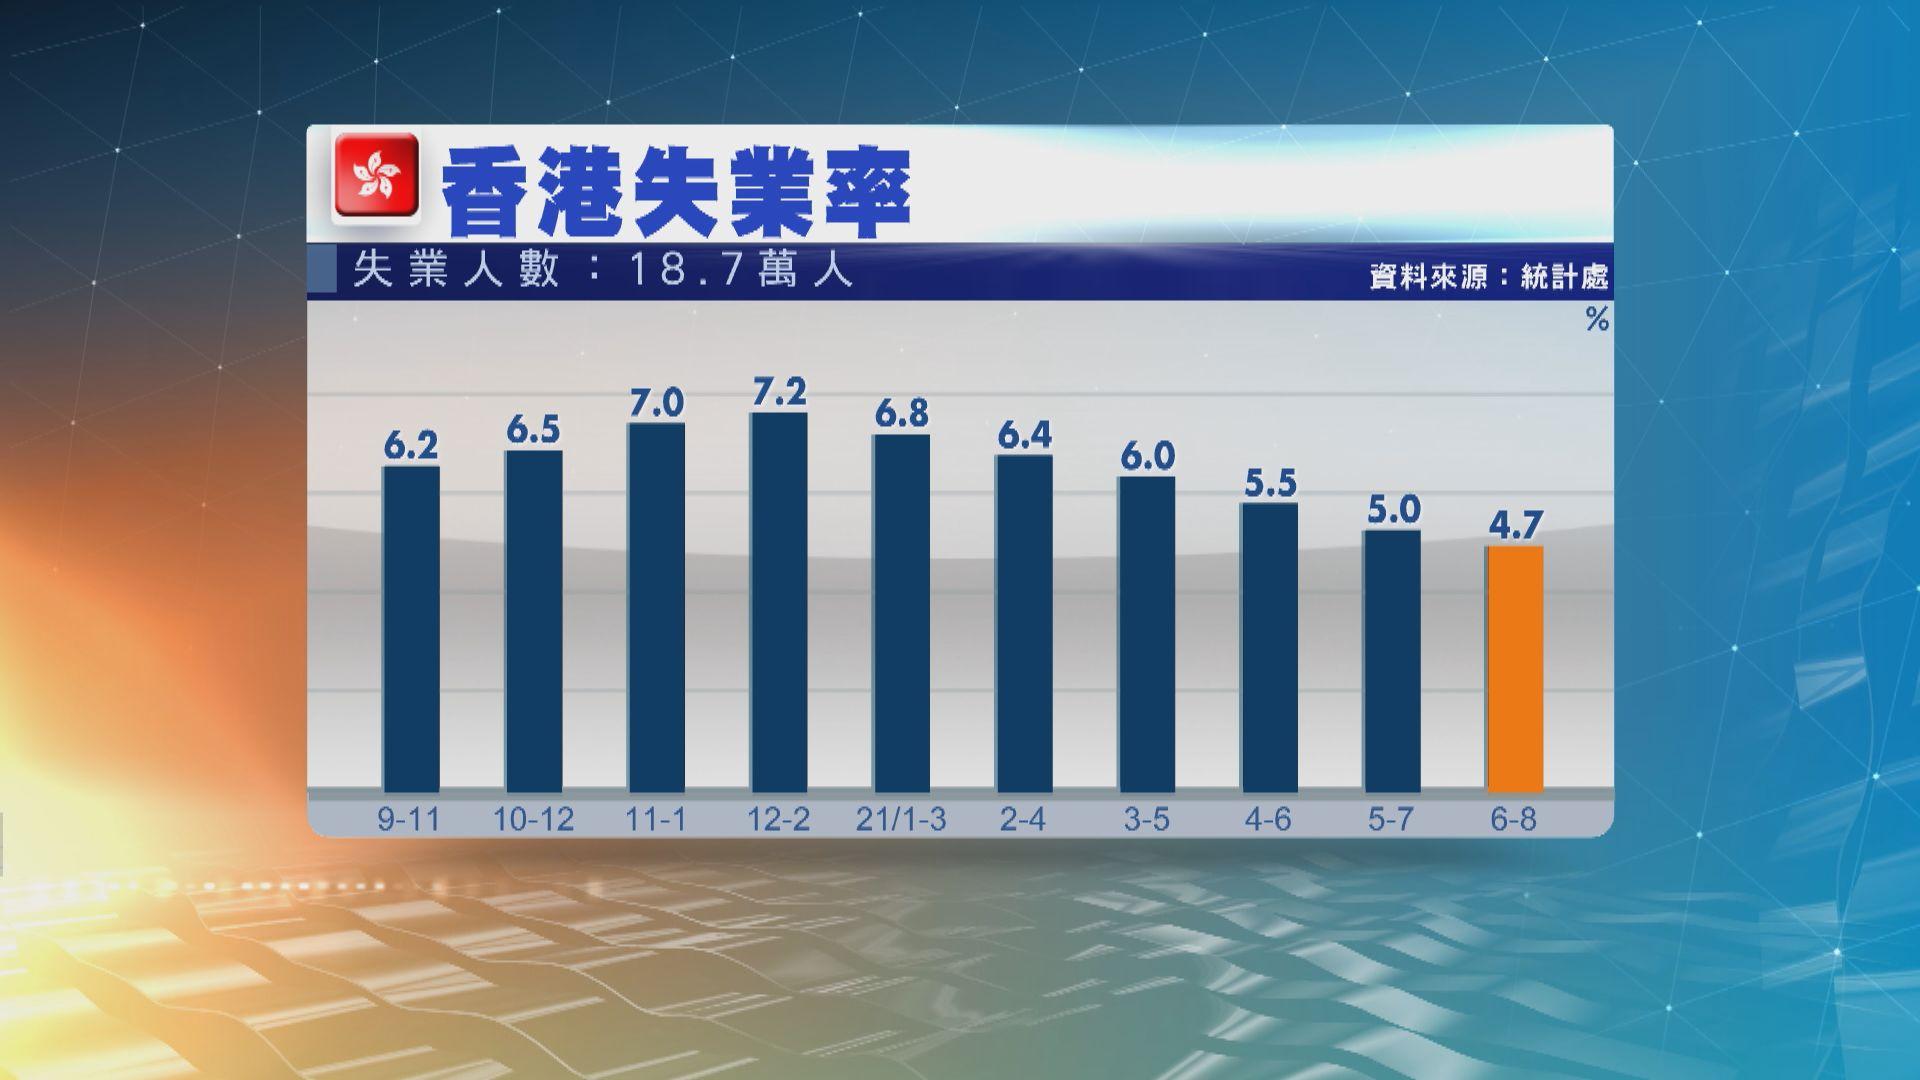 【失業率】本港最新失業率4.7% 連續6個月回落